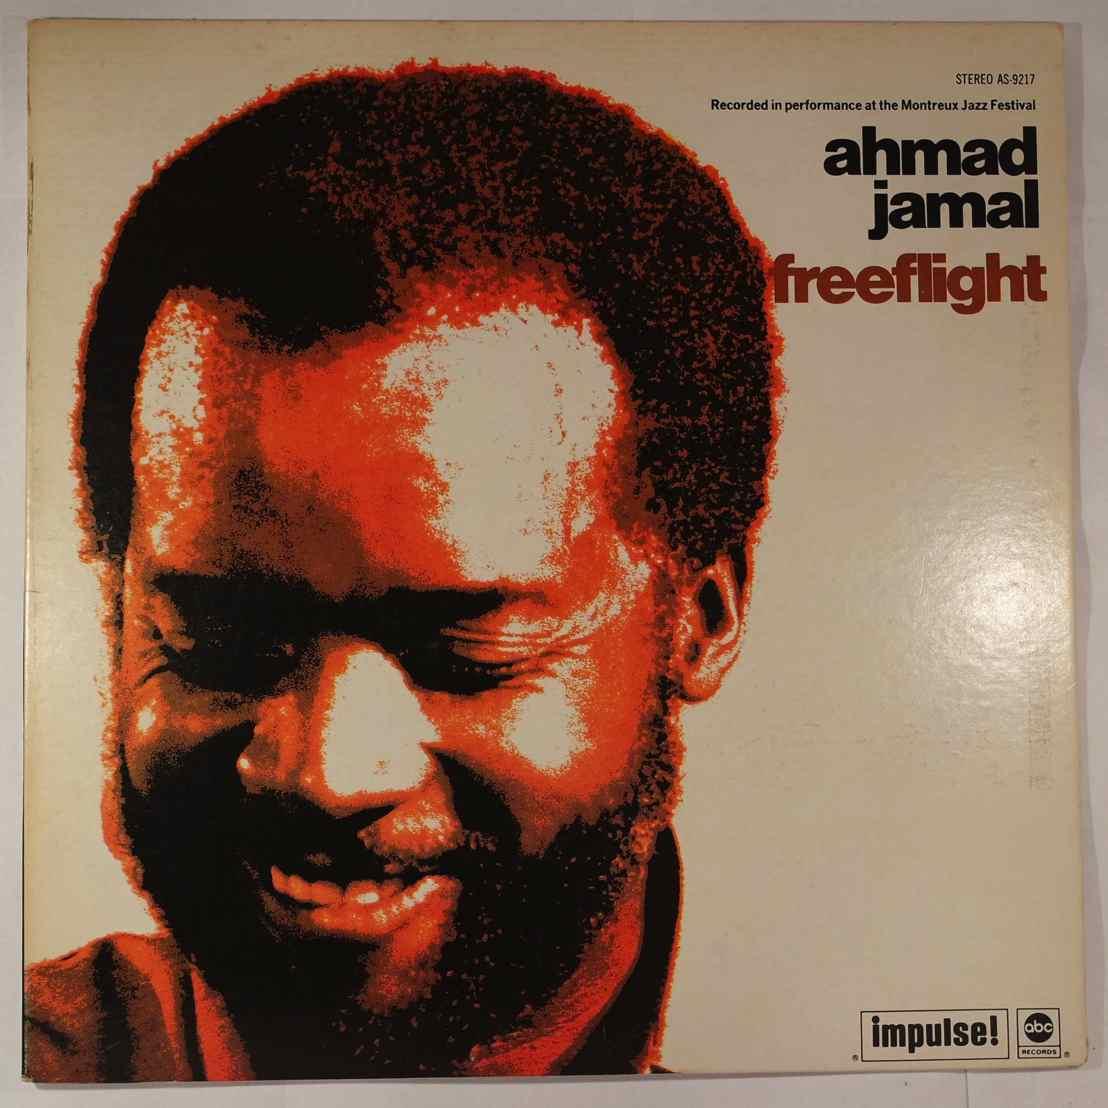 AHMAD JAMAL - Freeflight - LP